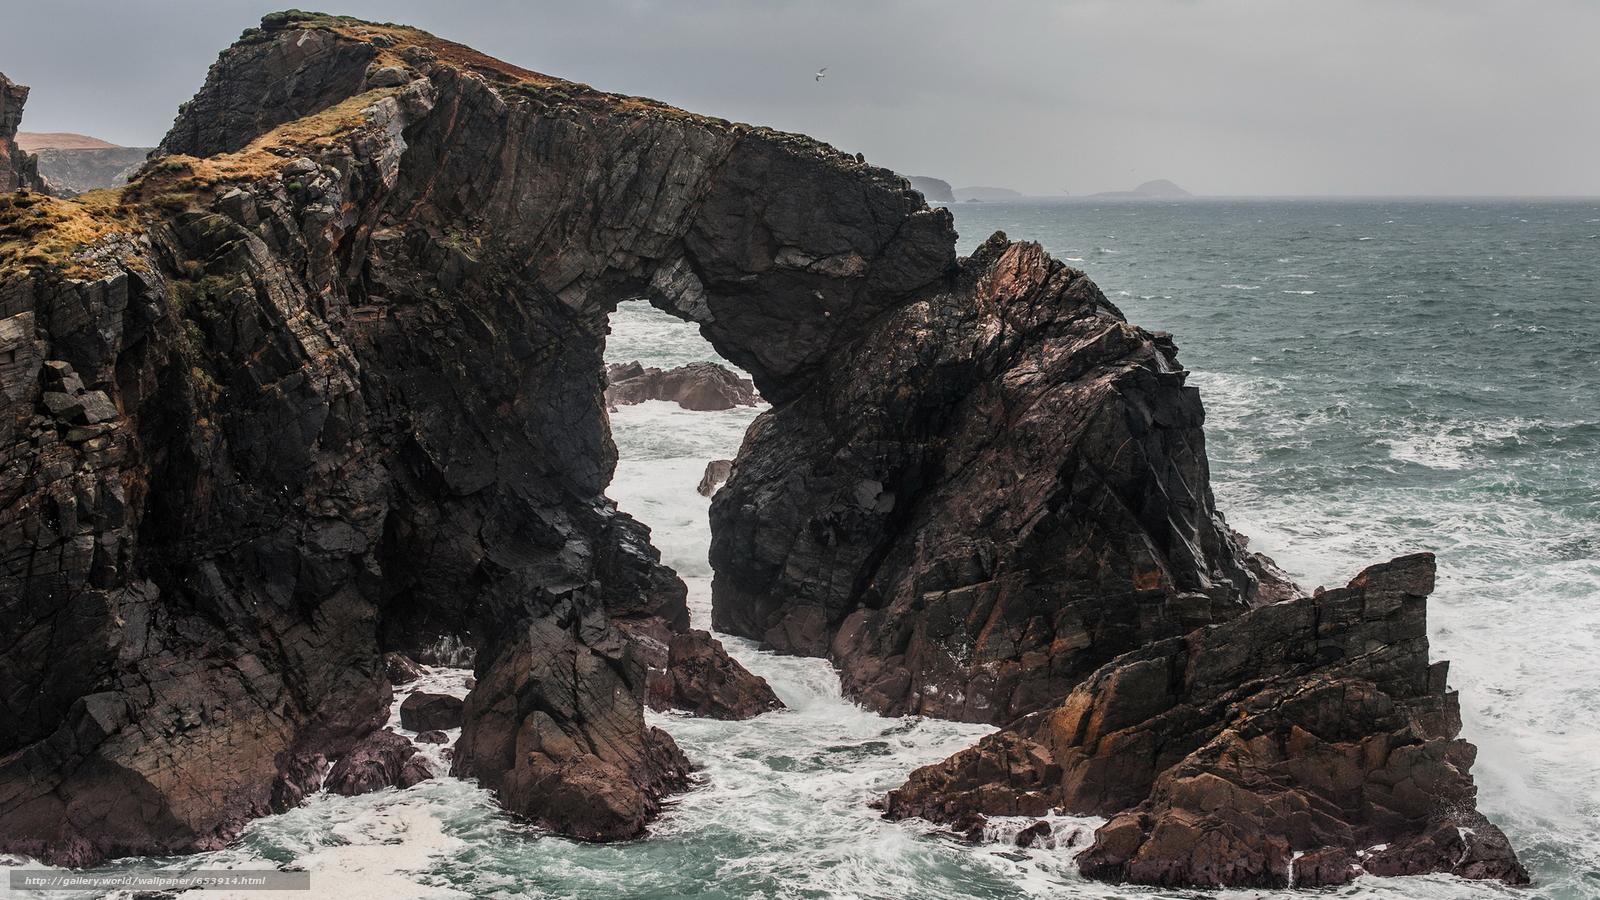 Скачать обои море,  океан,  водоем,  камни бесплатно для рабочего стола в разрешении 2048x1152 — картинка №653914